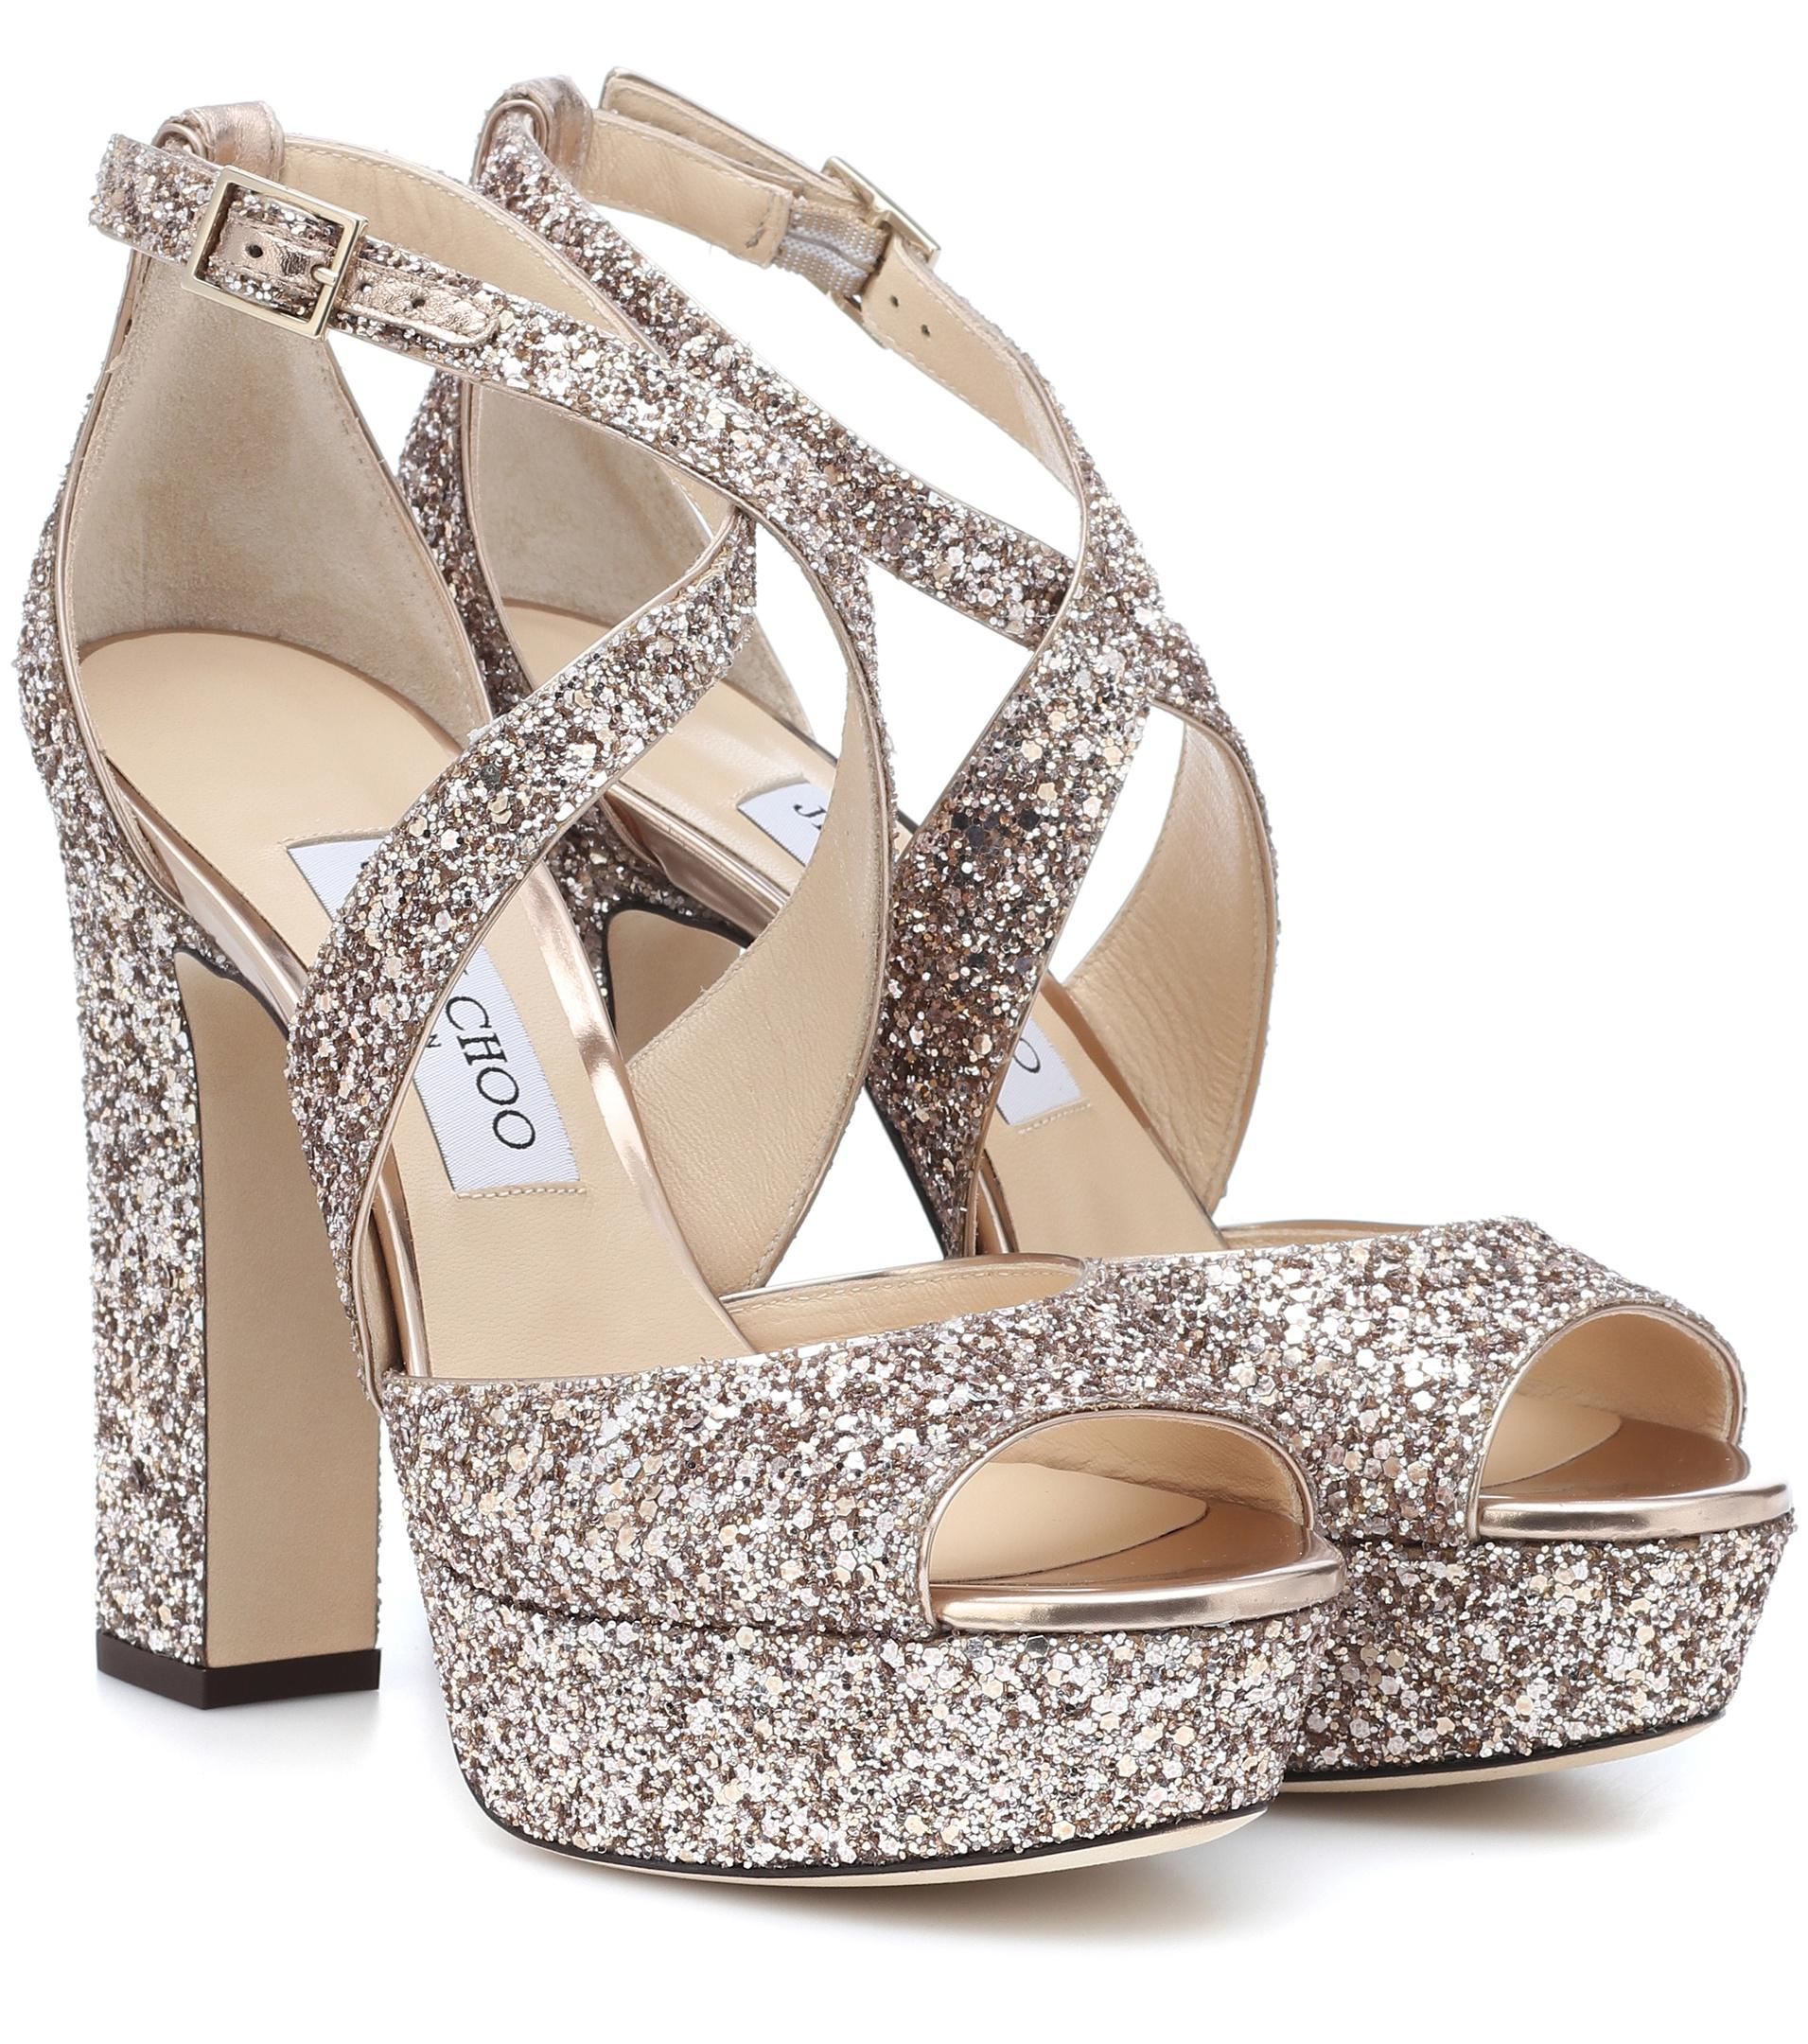 7073bb88583 Jimmy Choo April 120 Glitter Plateau Sandals in Pink - Lyst